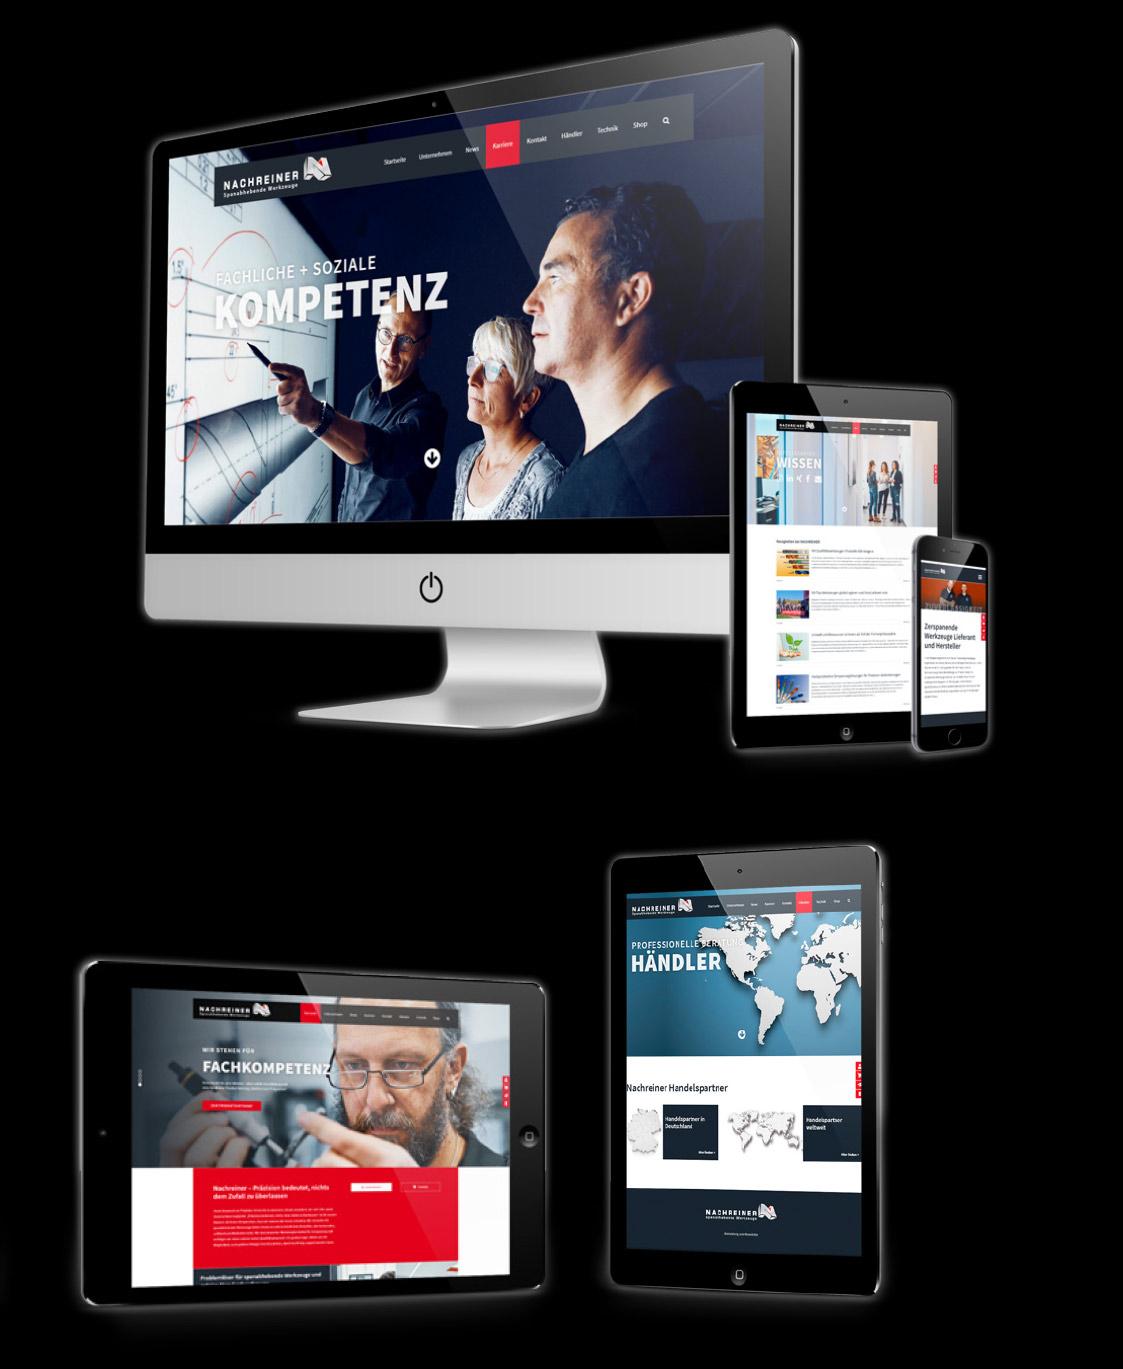 4 Bildschirme auf denen verschiedene Seiten der Nachreiner-Webseite abgebildet sind